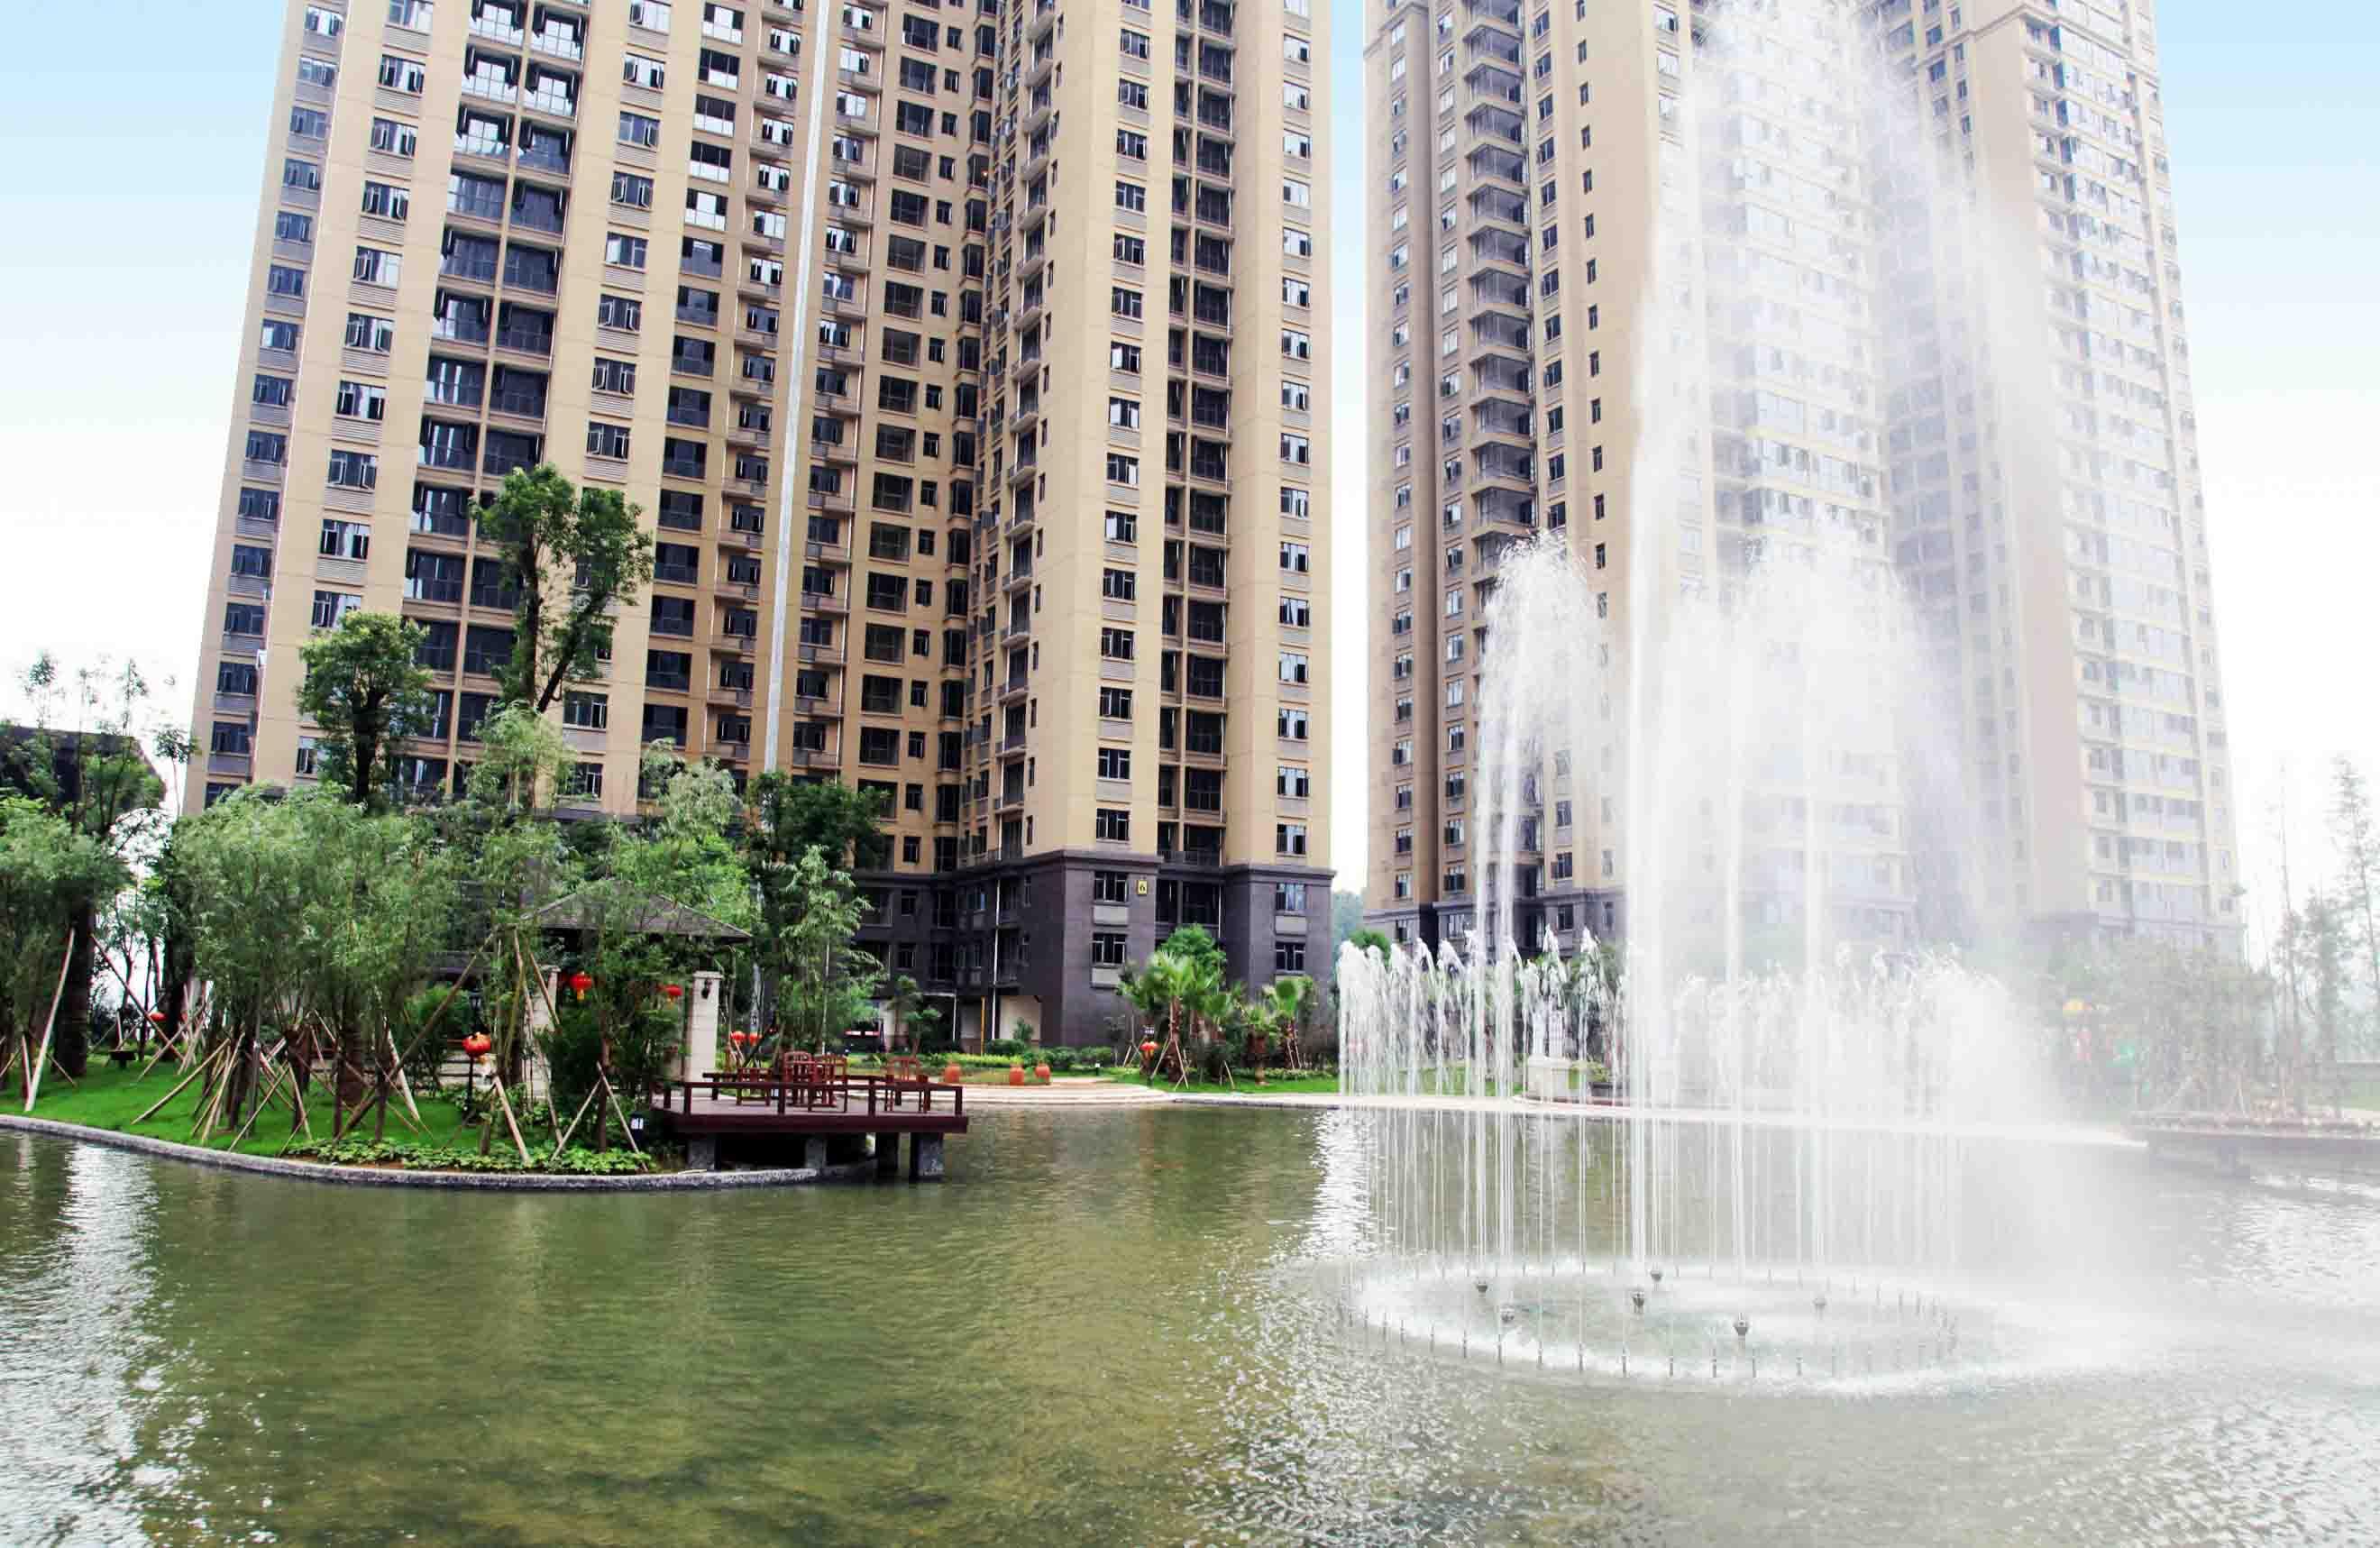 长沙悦湖山居住区园林景观设计